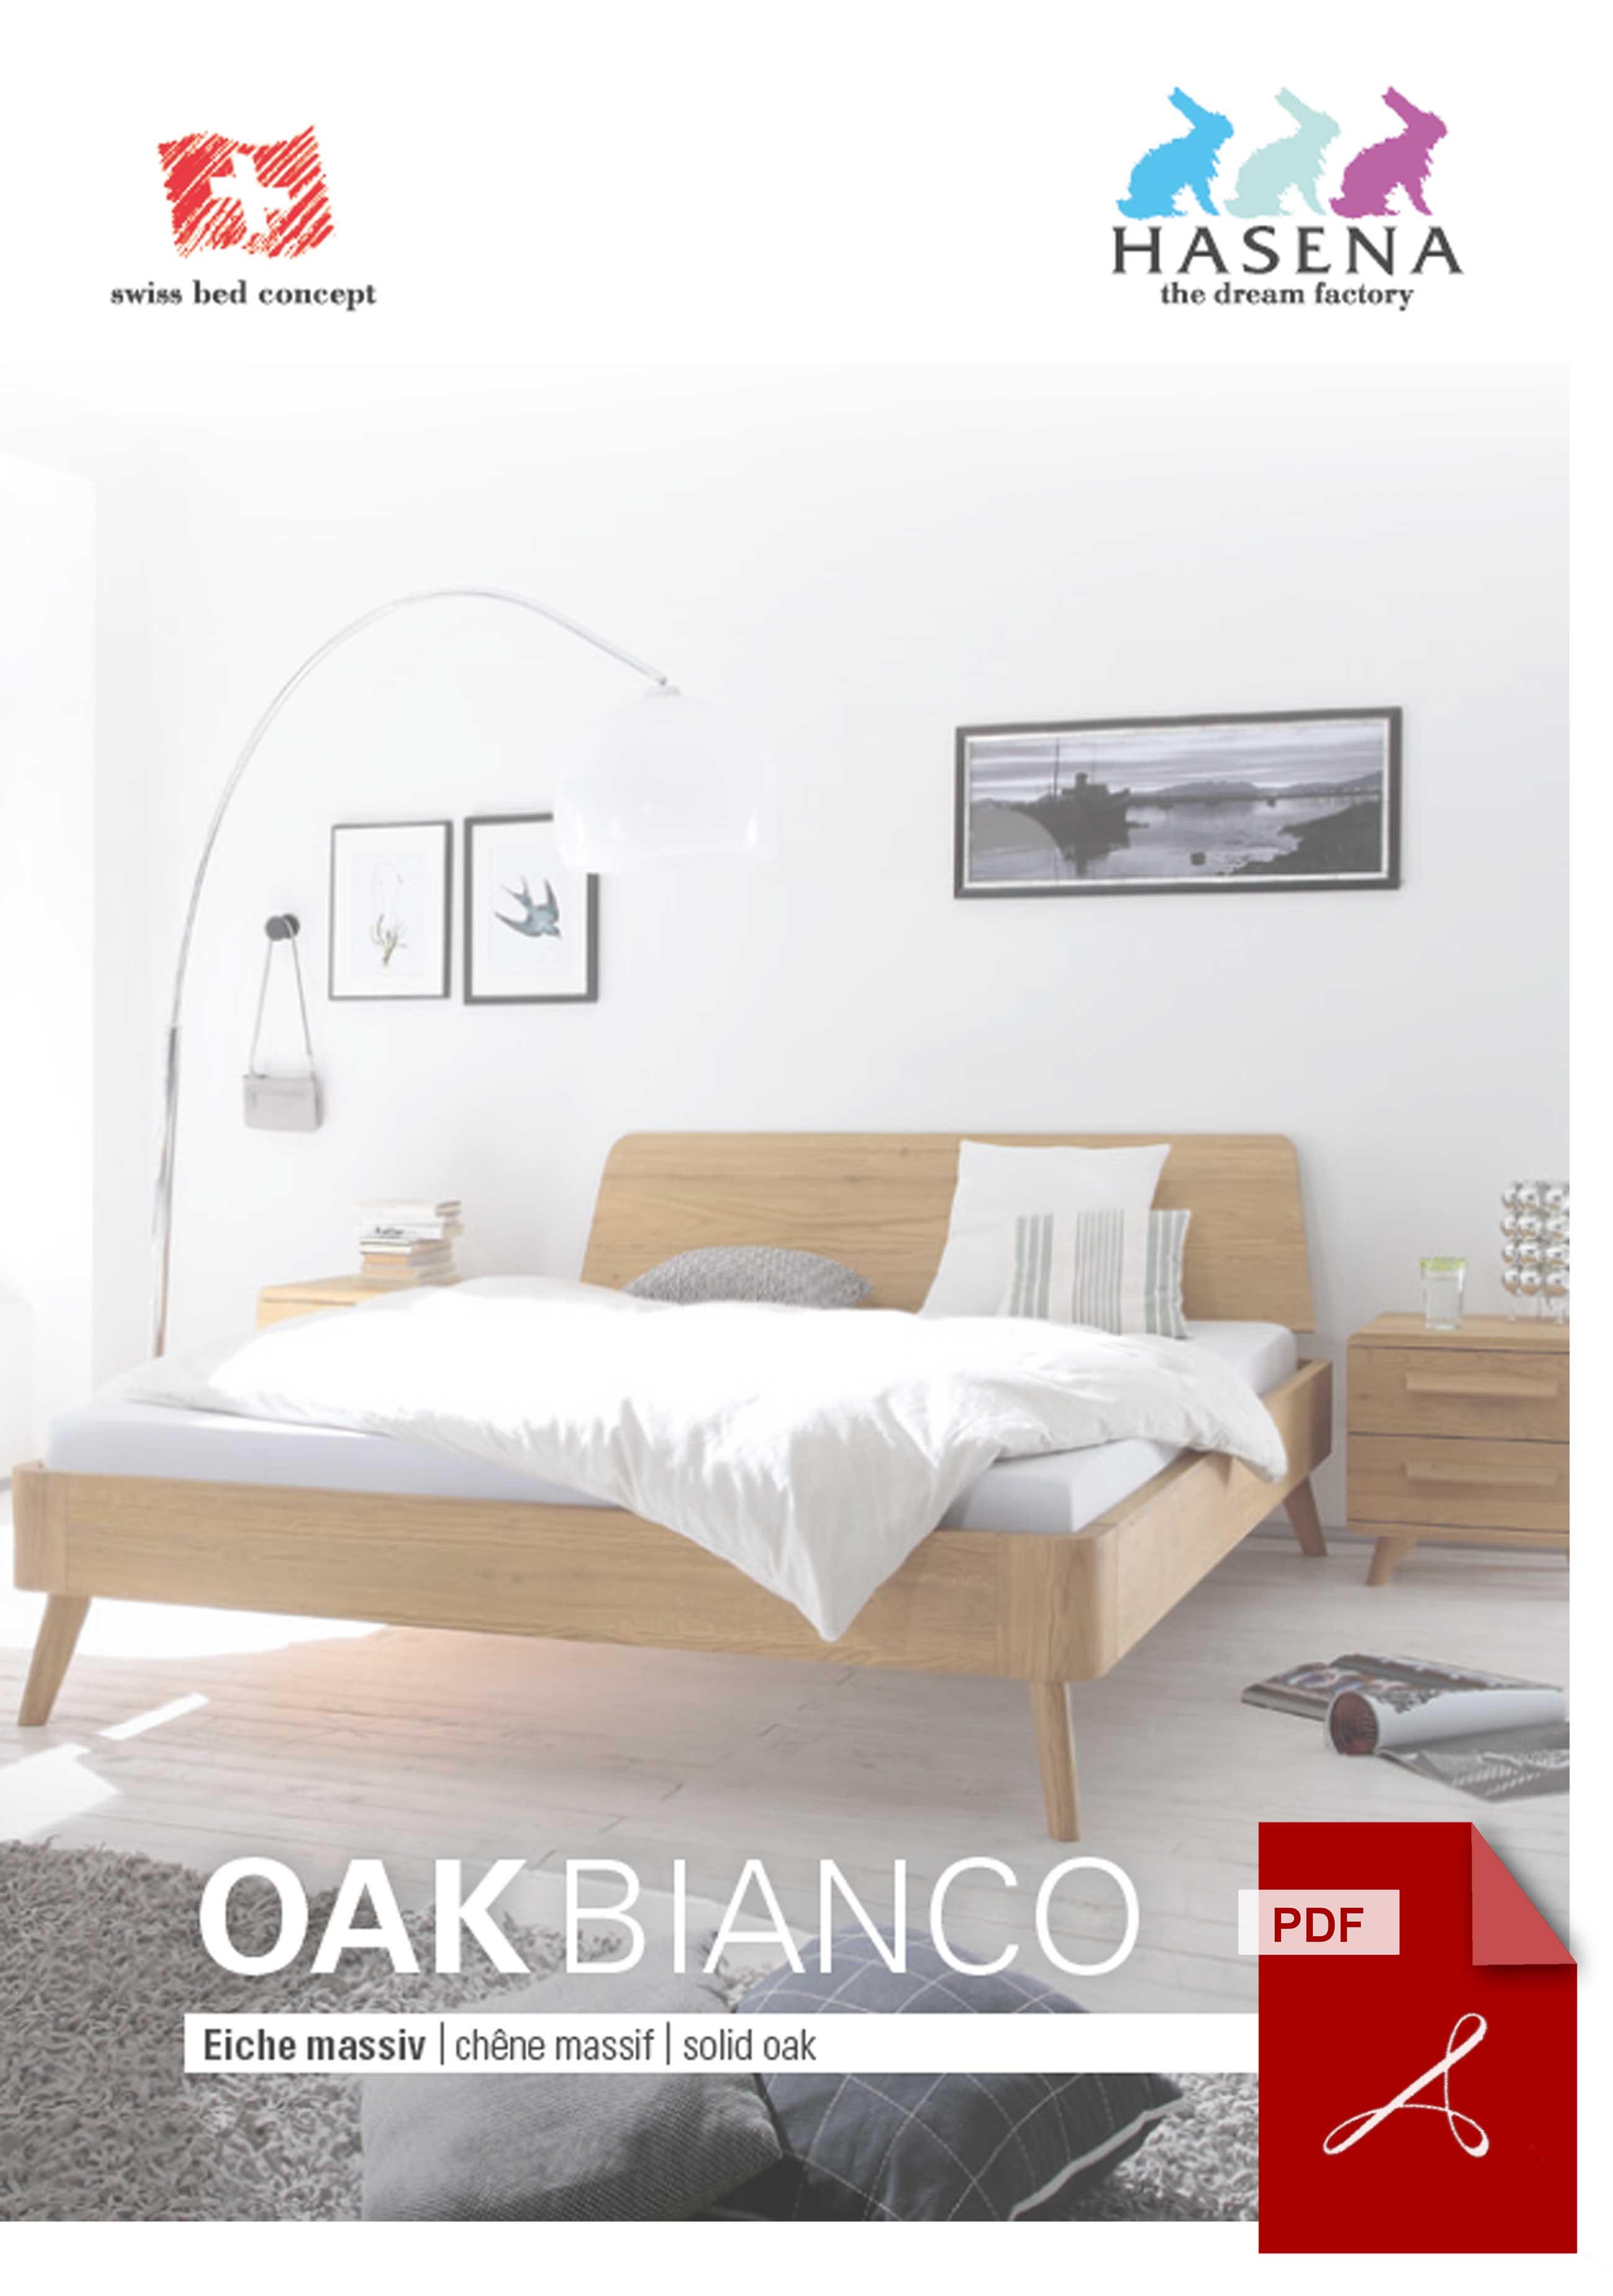 Hasena Oak Bianco Katalog als PDF Datei